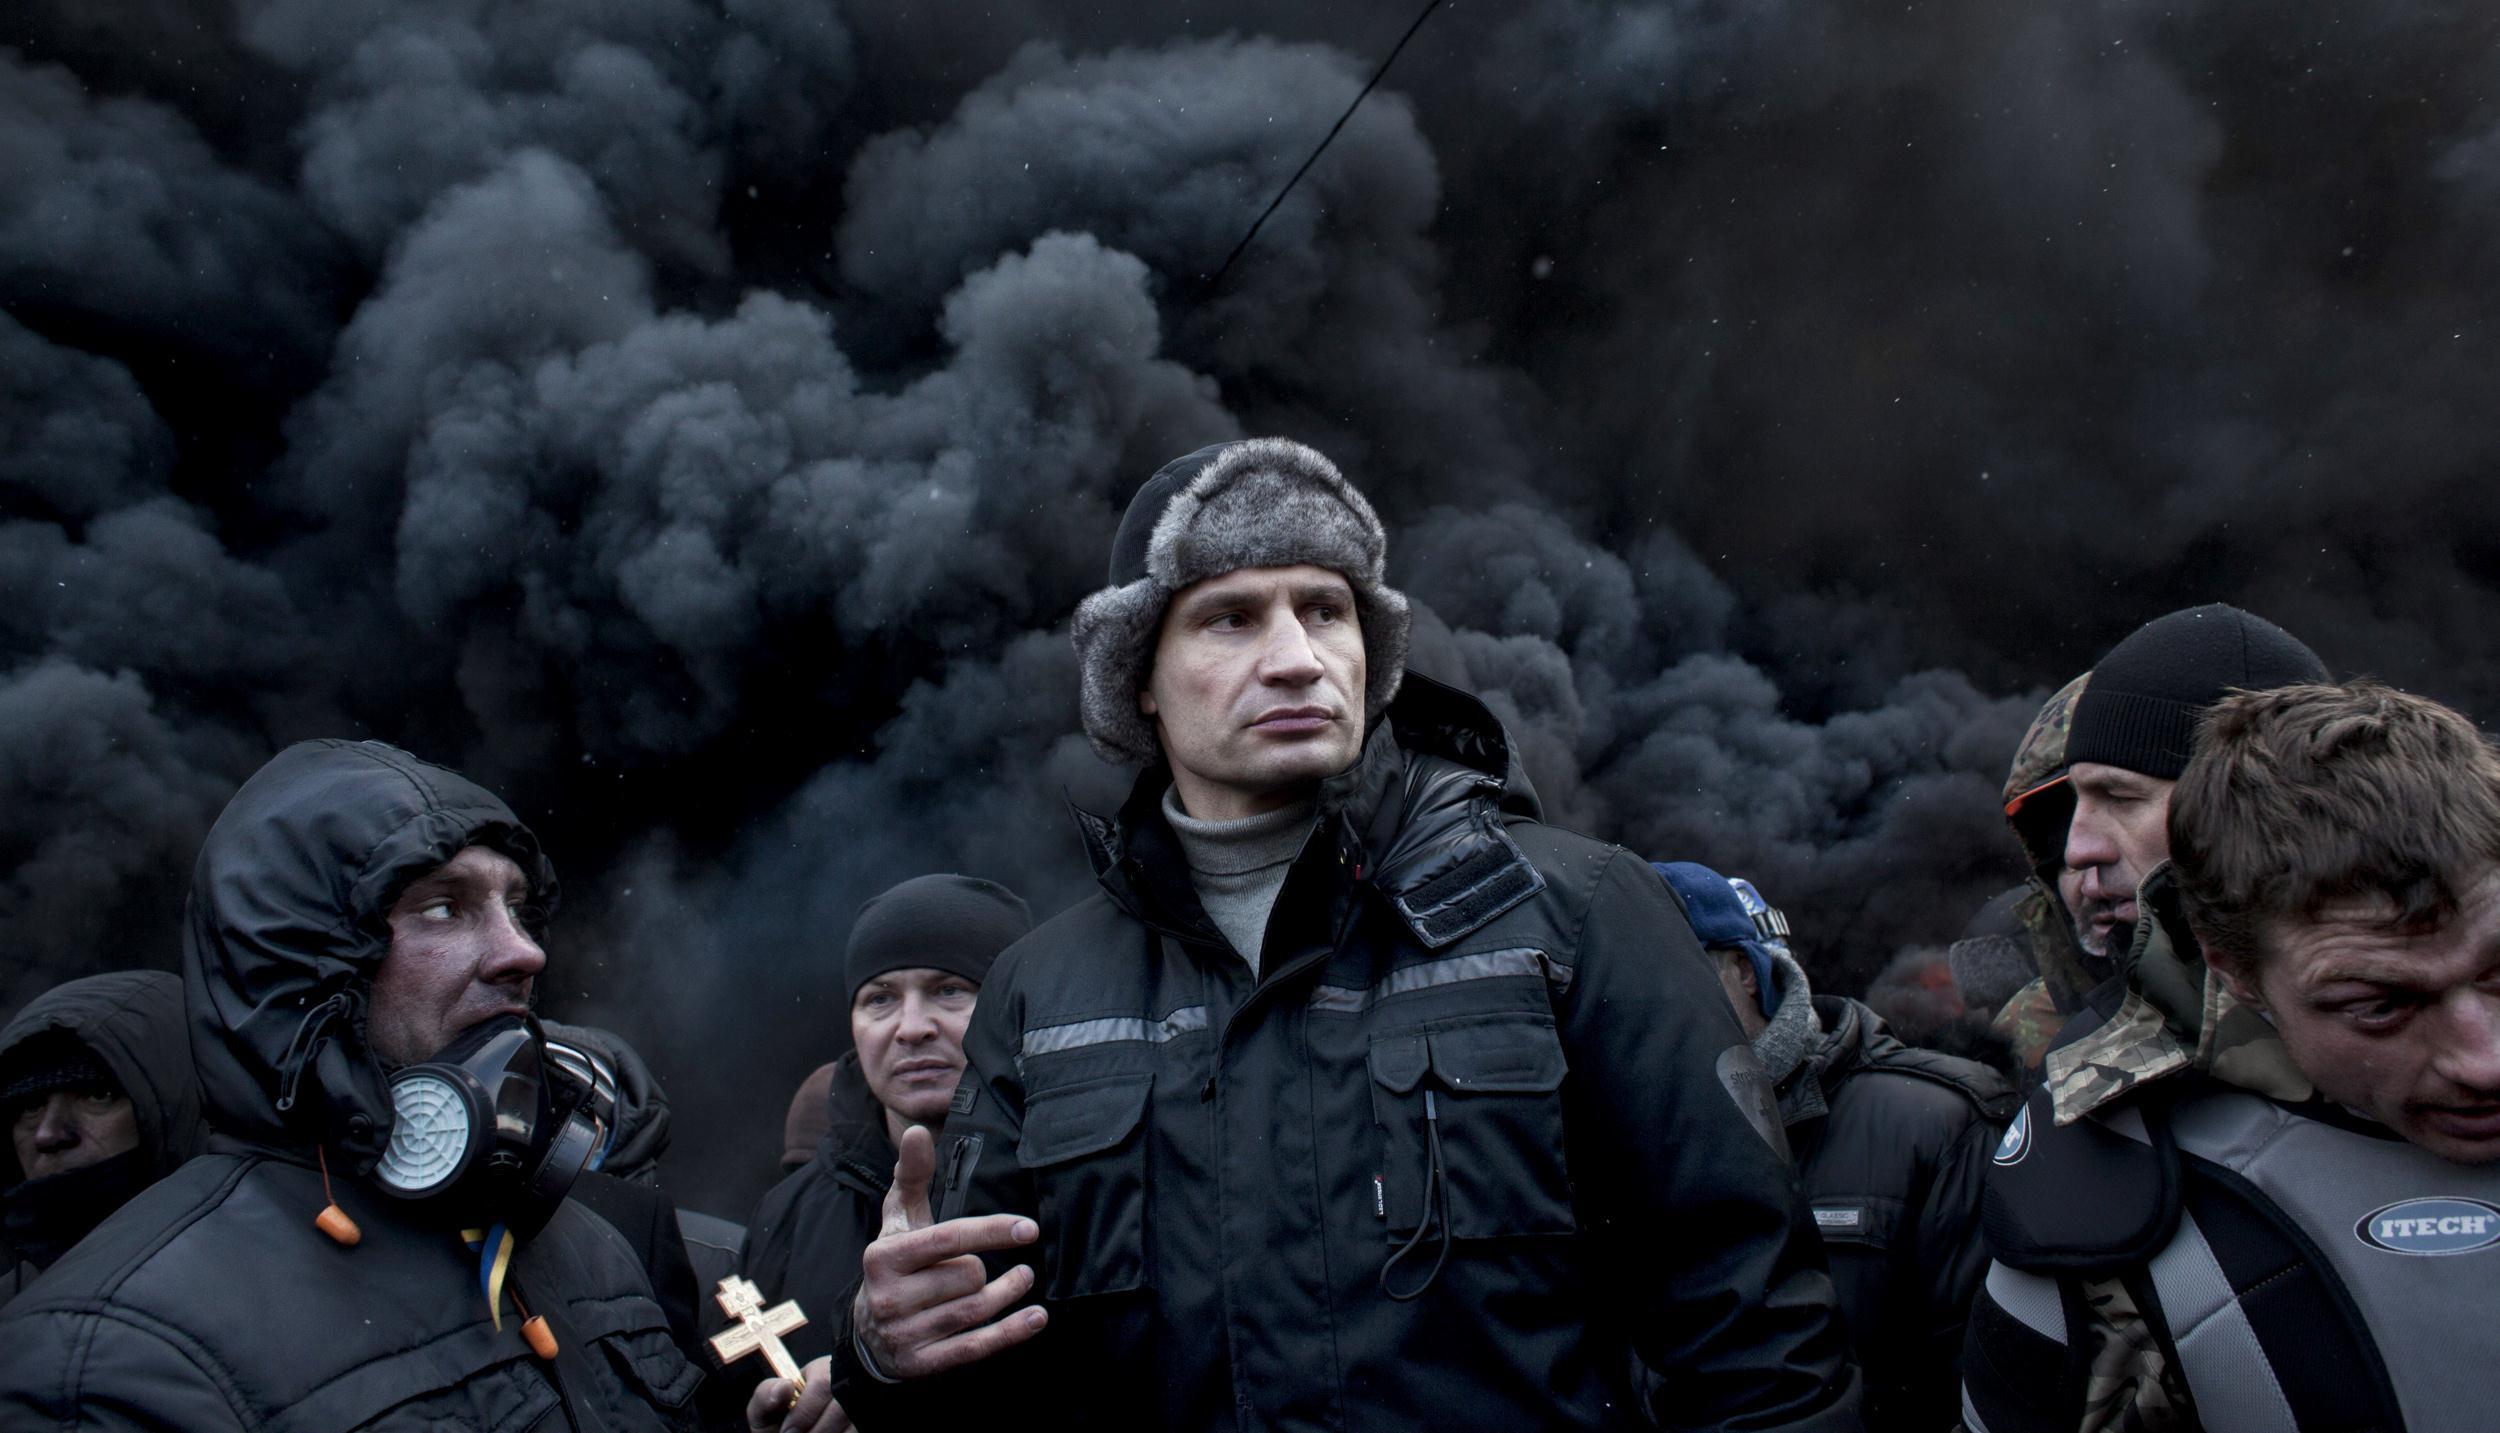 Ukraine Opposition Leader Vitali Klitschko in Fight of His ...